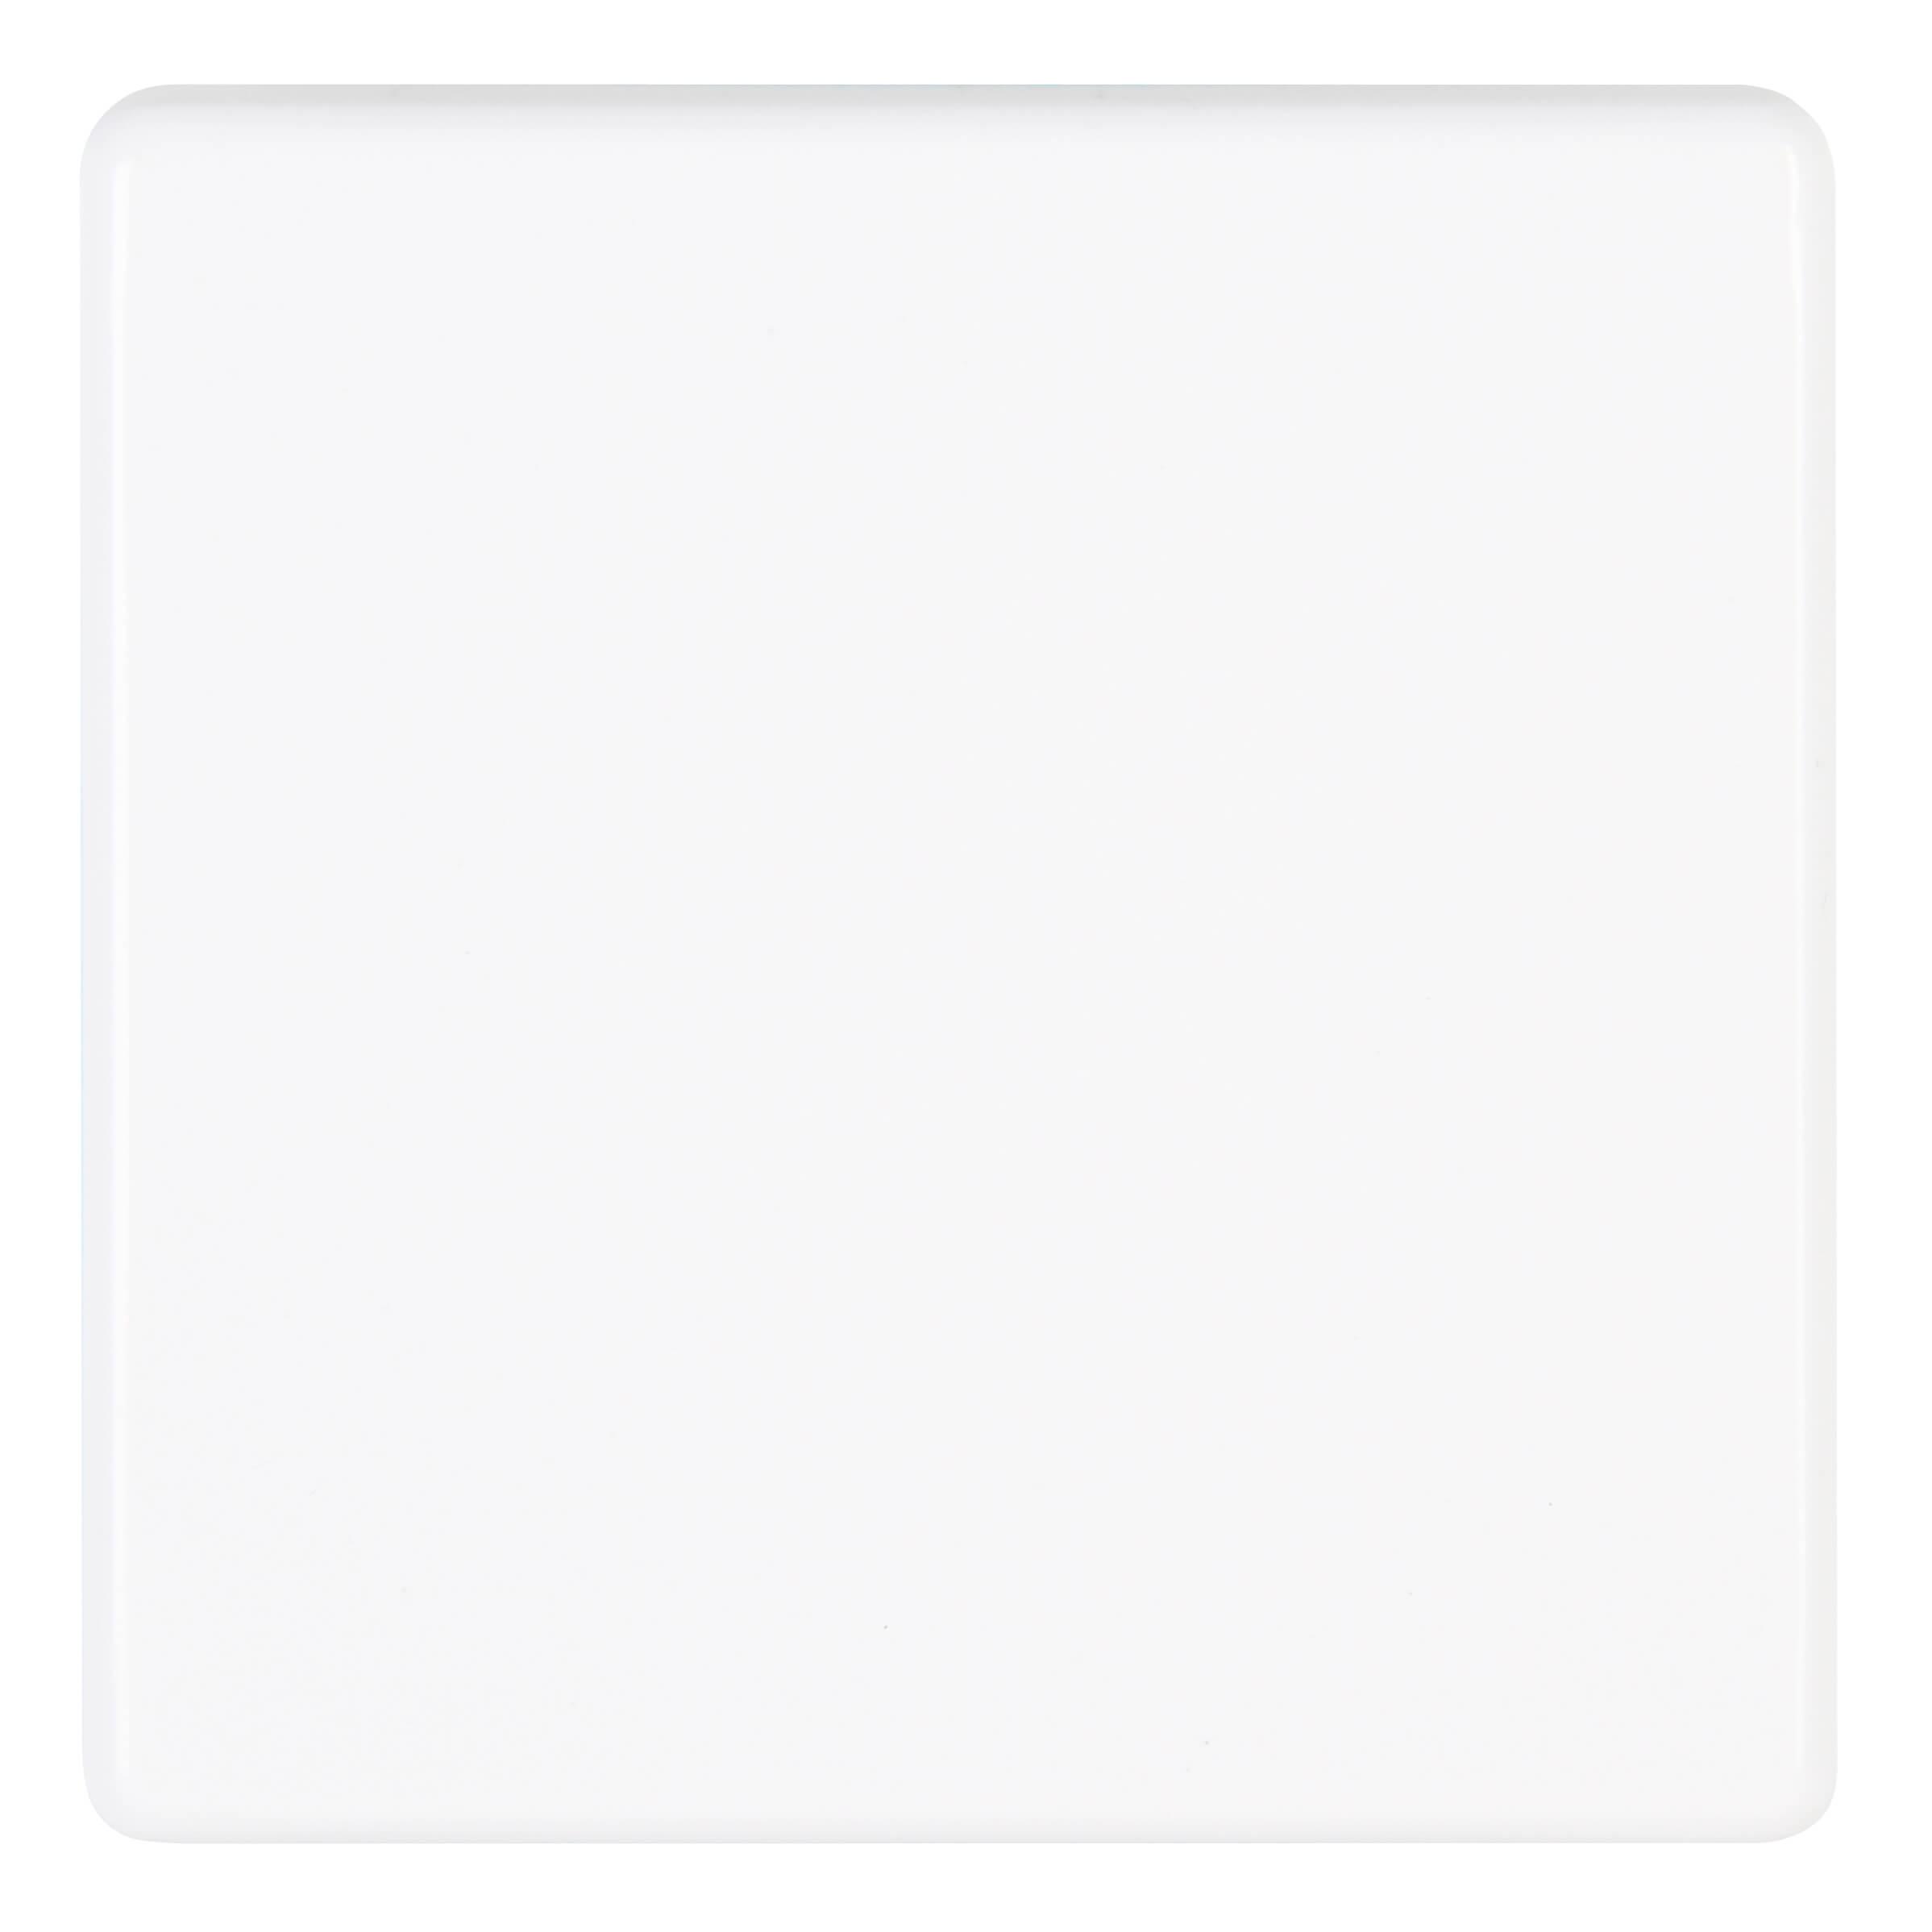 Kopp VISION kruisschakelaar arctic wit